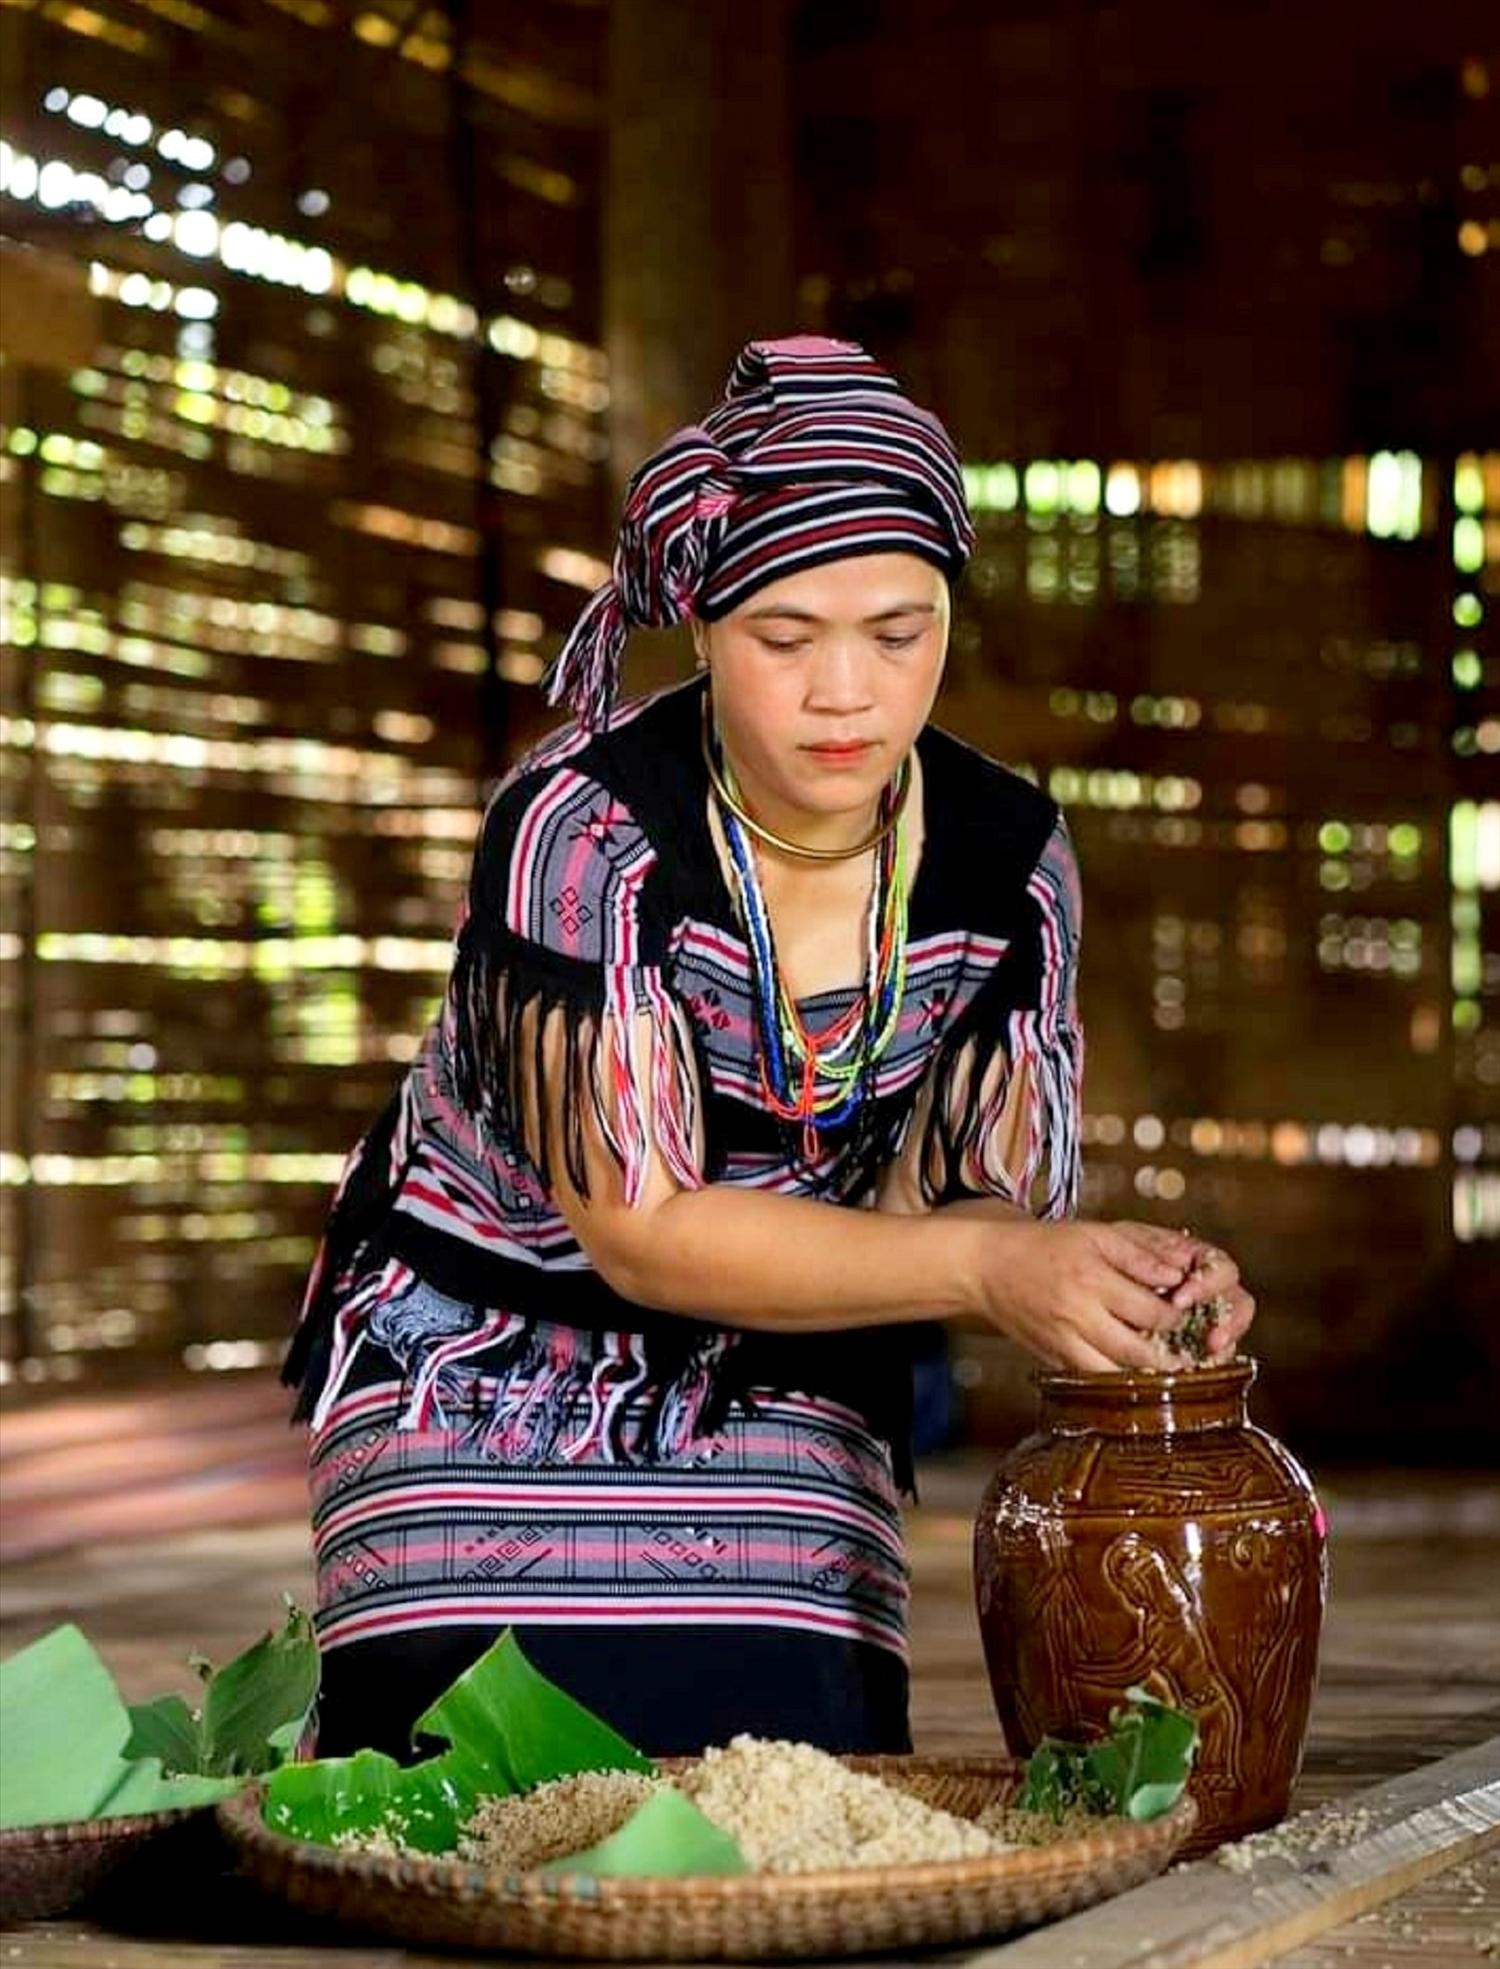 Phụ nữ Làng Teng vẫn giữ bí quyết làm rượu cần truyền thống